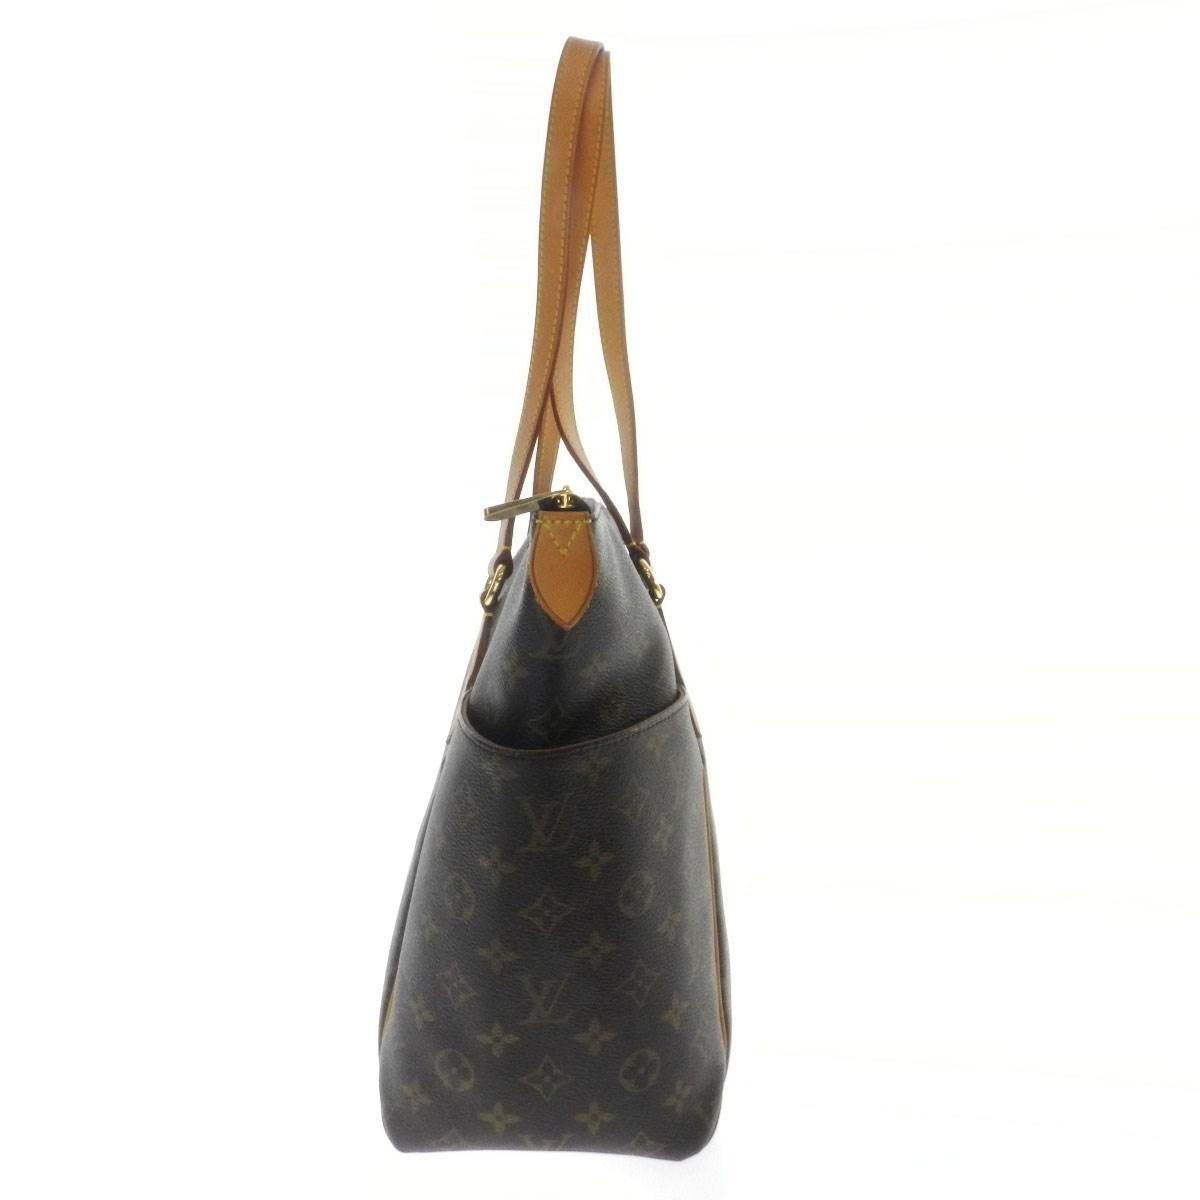 cfb2a9c76e8b Lyst - Louis Vuitton Monogram Canvas Shoulder Bag Totally Mm M41015 ...